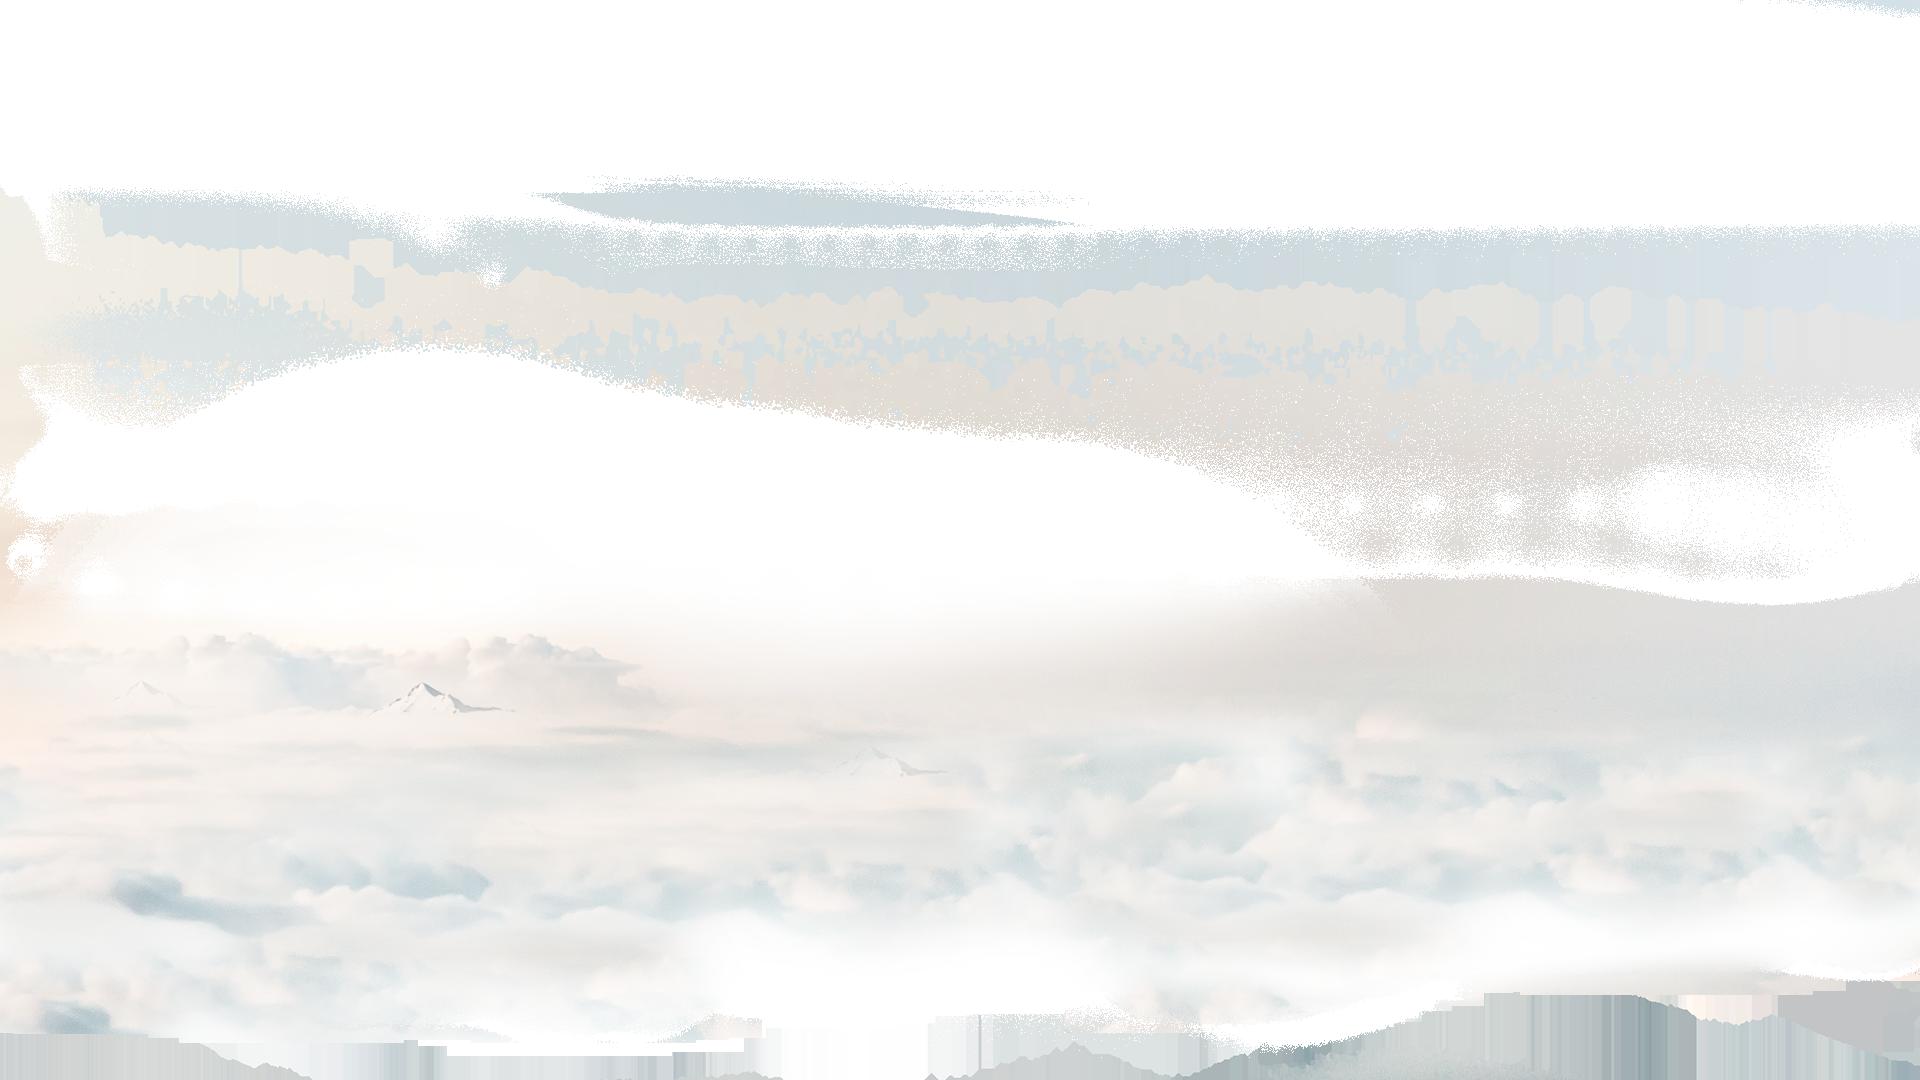 sfondo nuvole 1